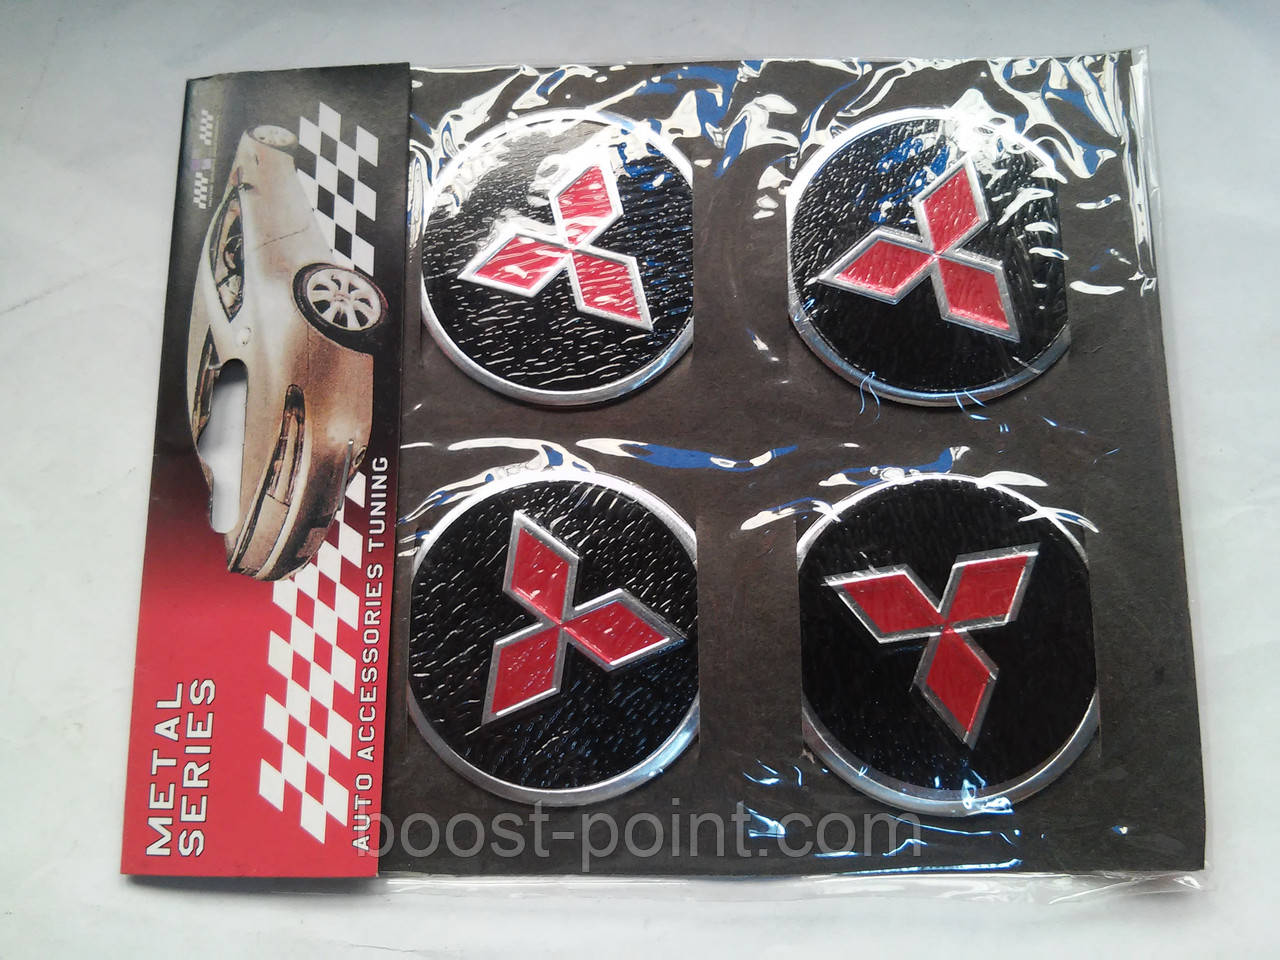 Наклейки на заглушки литых дисков (колпачки) с логотипом mitsubishi (митсубиси)